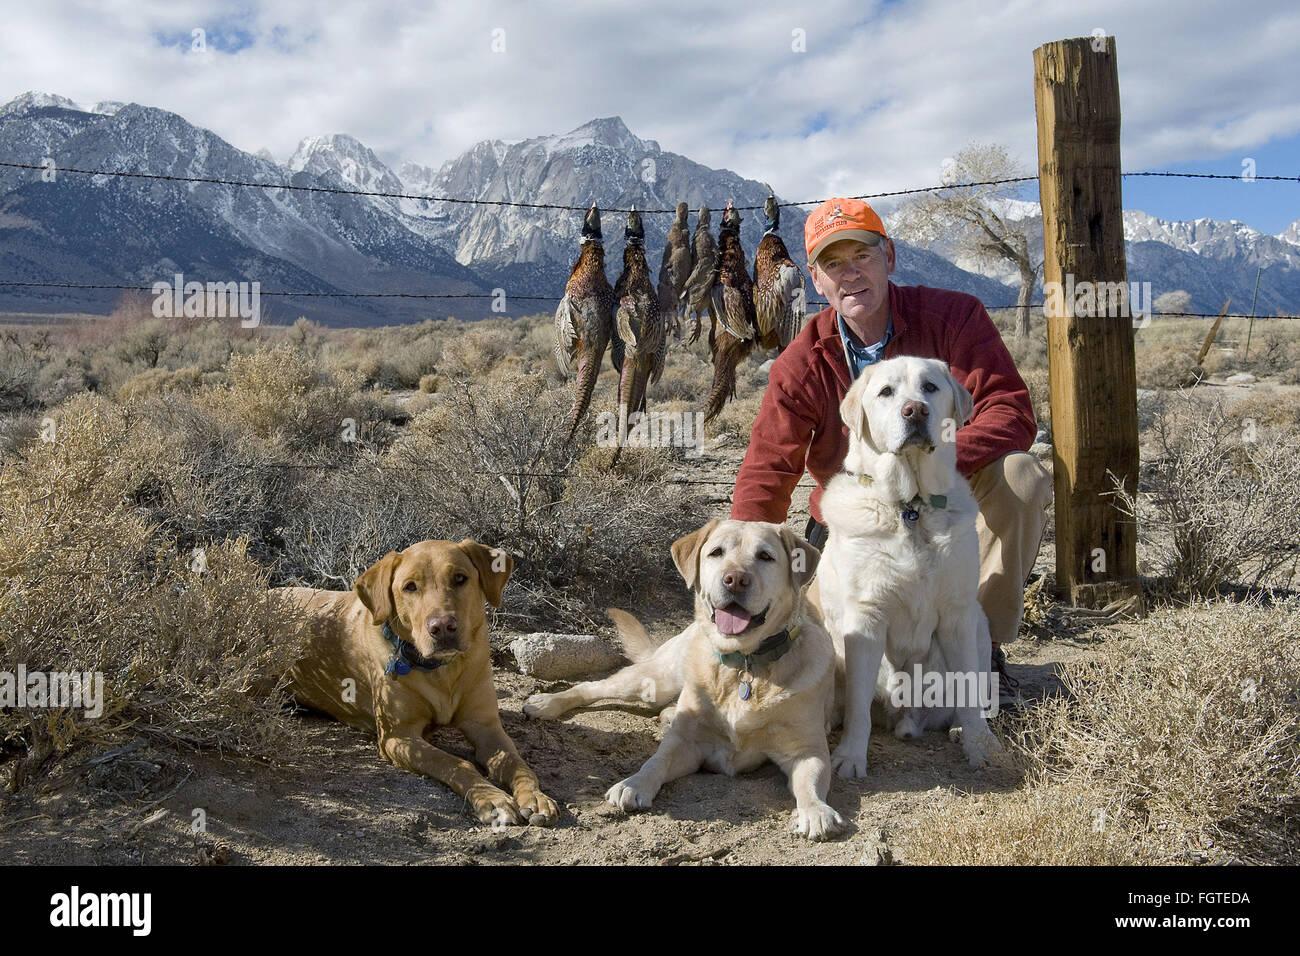 Fox Red Labrador Retriever Stockfotos & Fox Red Labrador Retriever ...